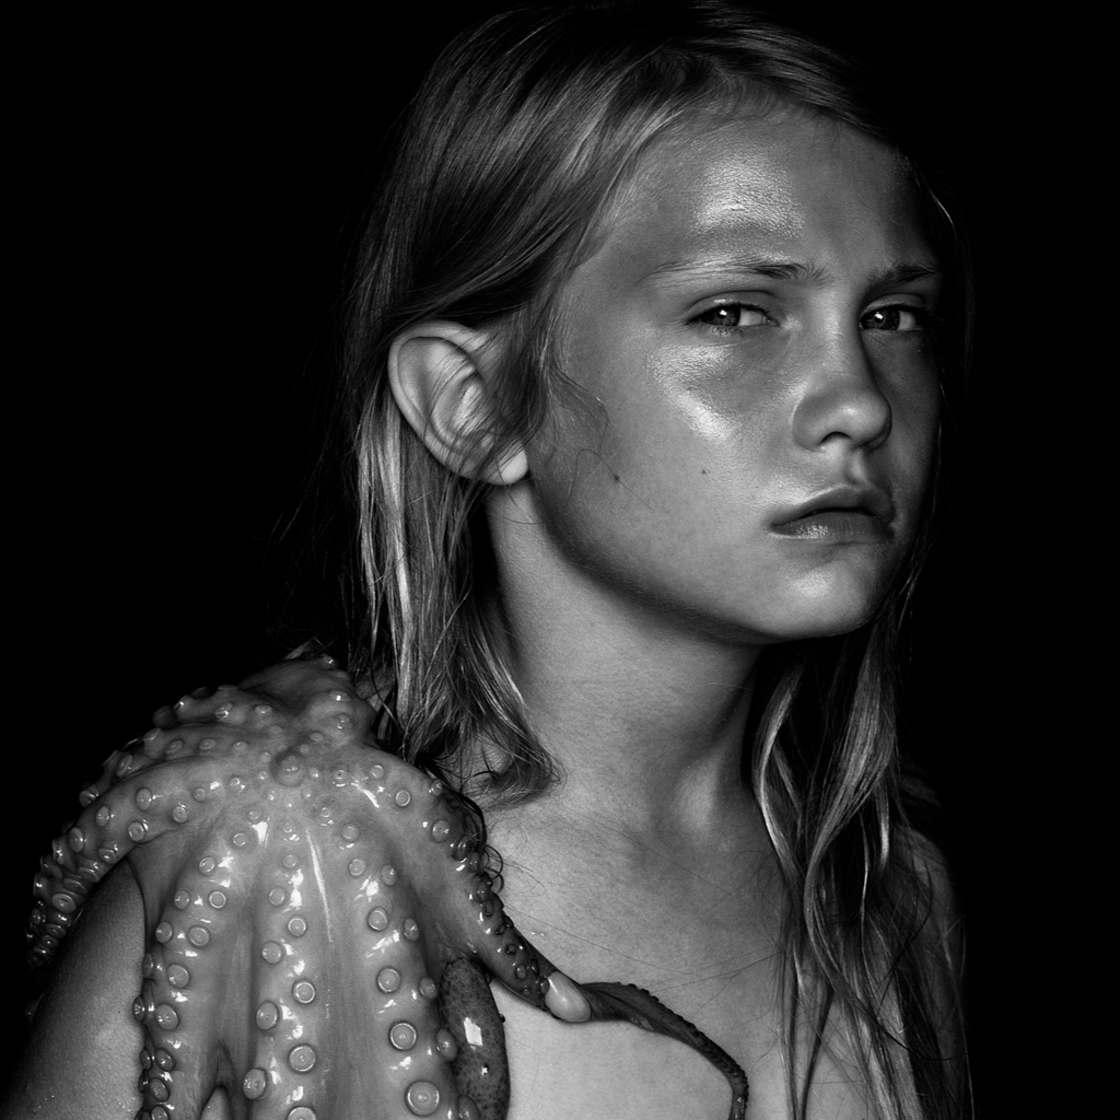 © Anna Ajtner